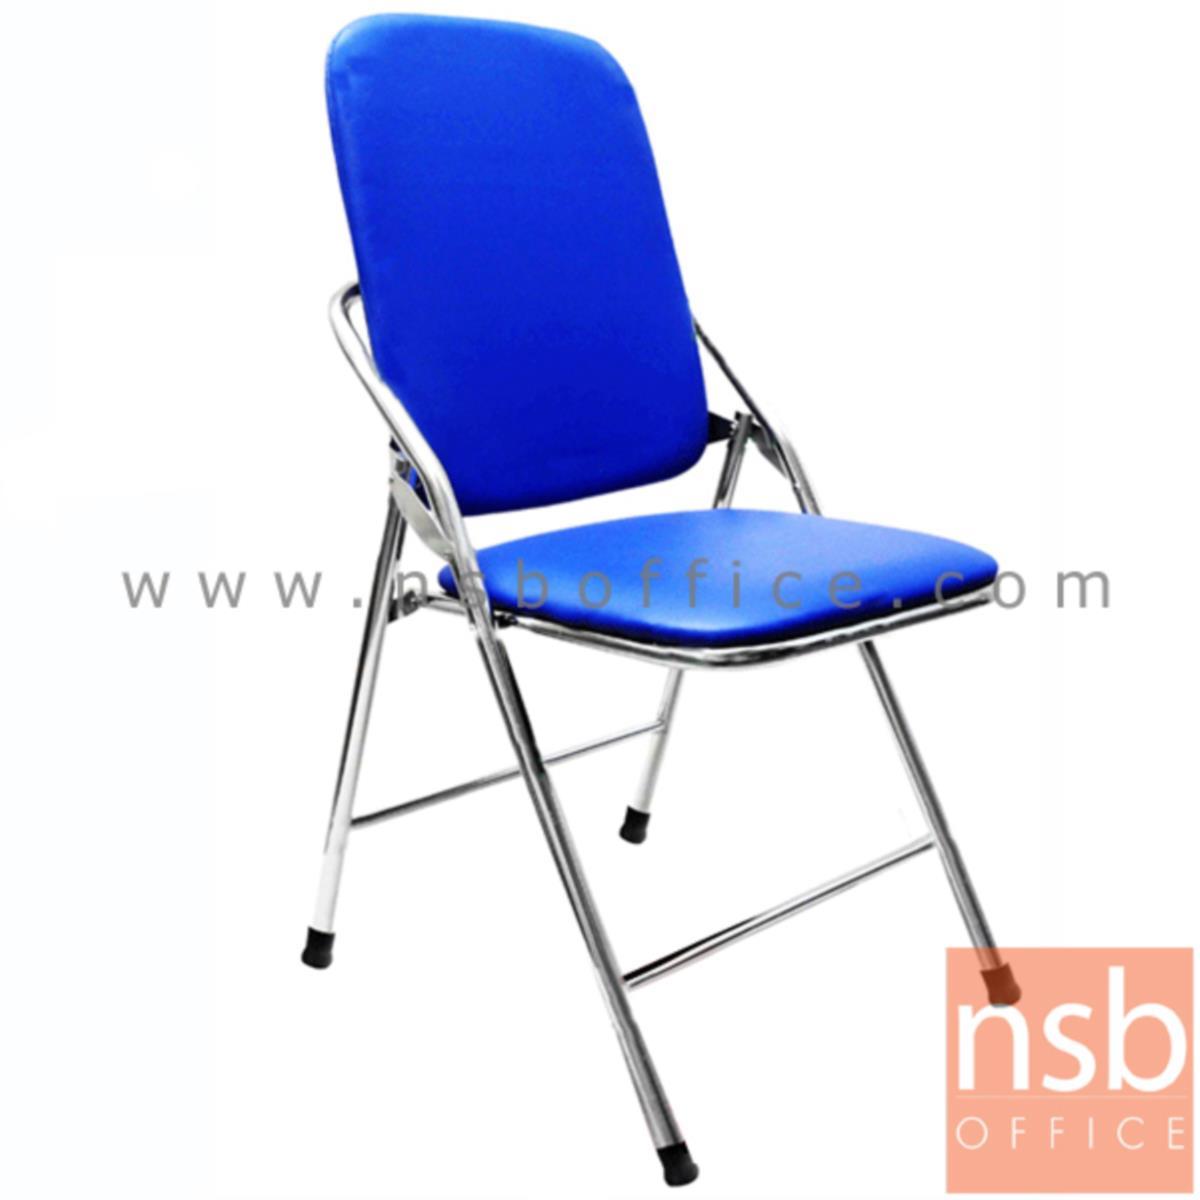 B08A069:เก้าอี้อเนกประสงค์ รุ่น KJ-421  ขาสเตนเลส